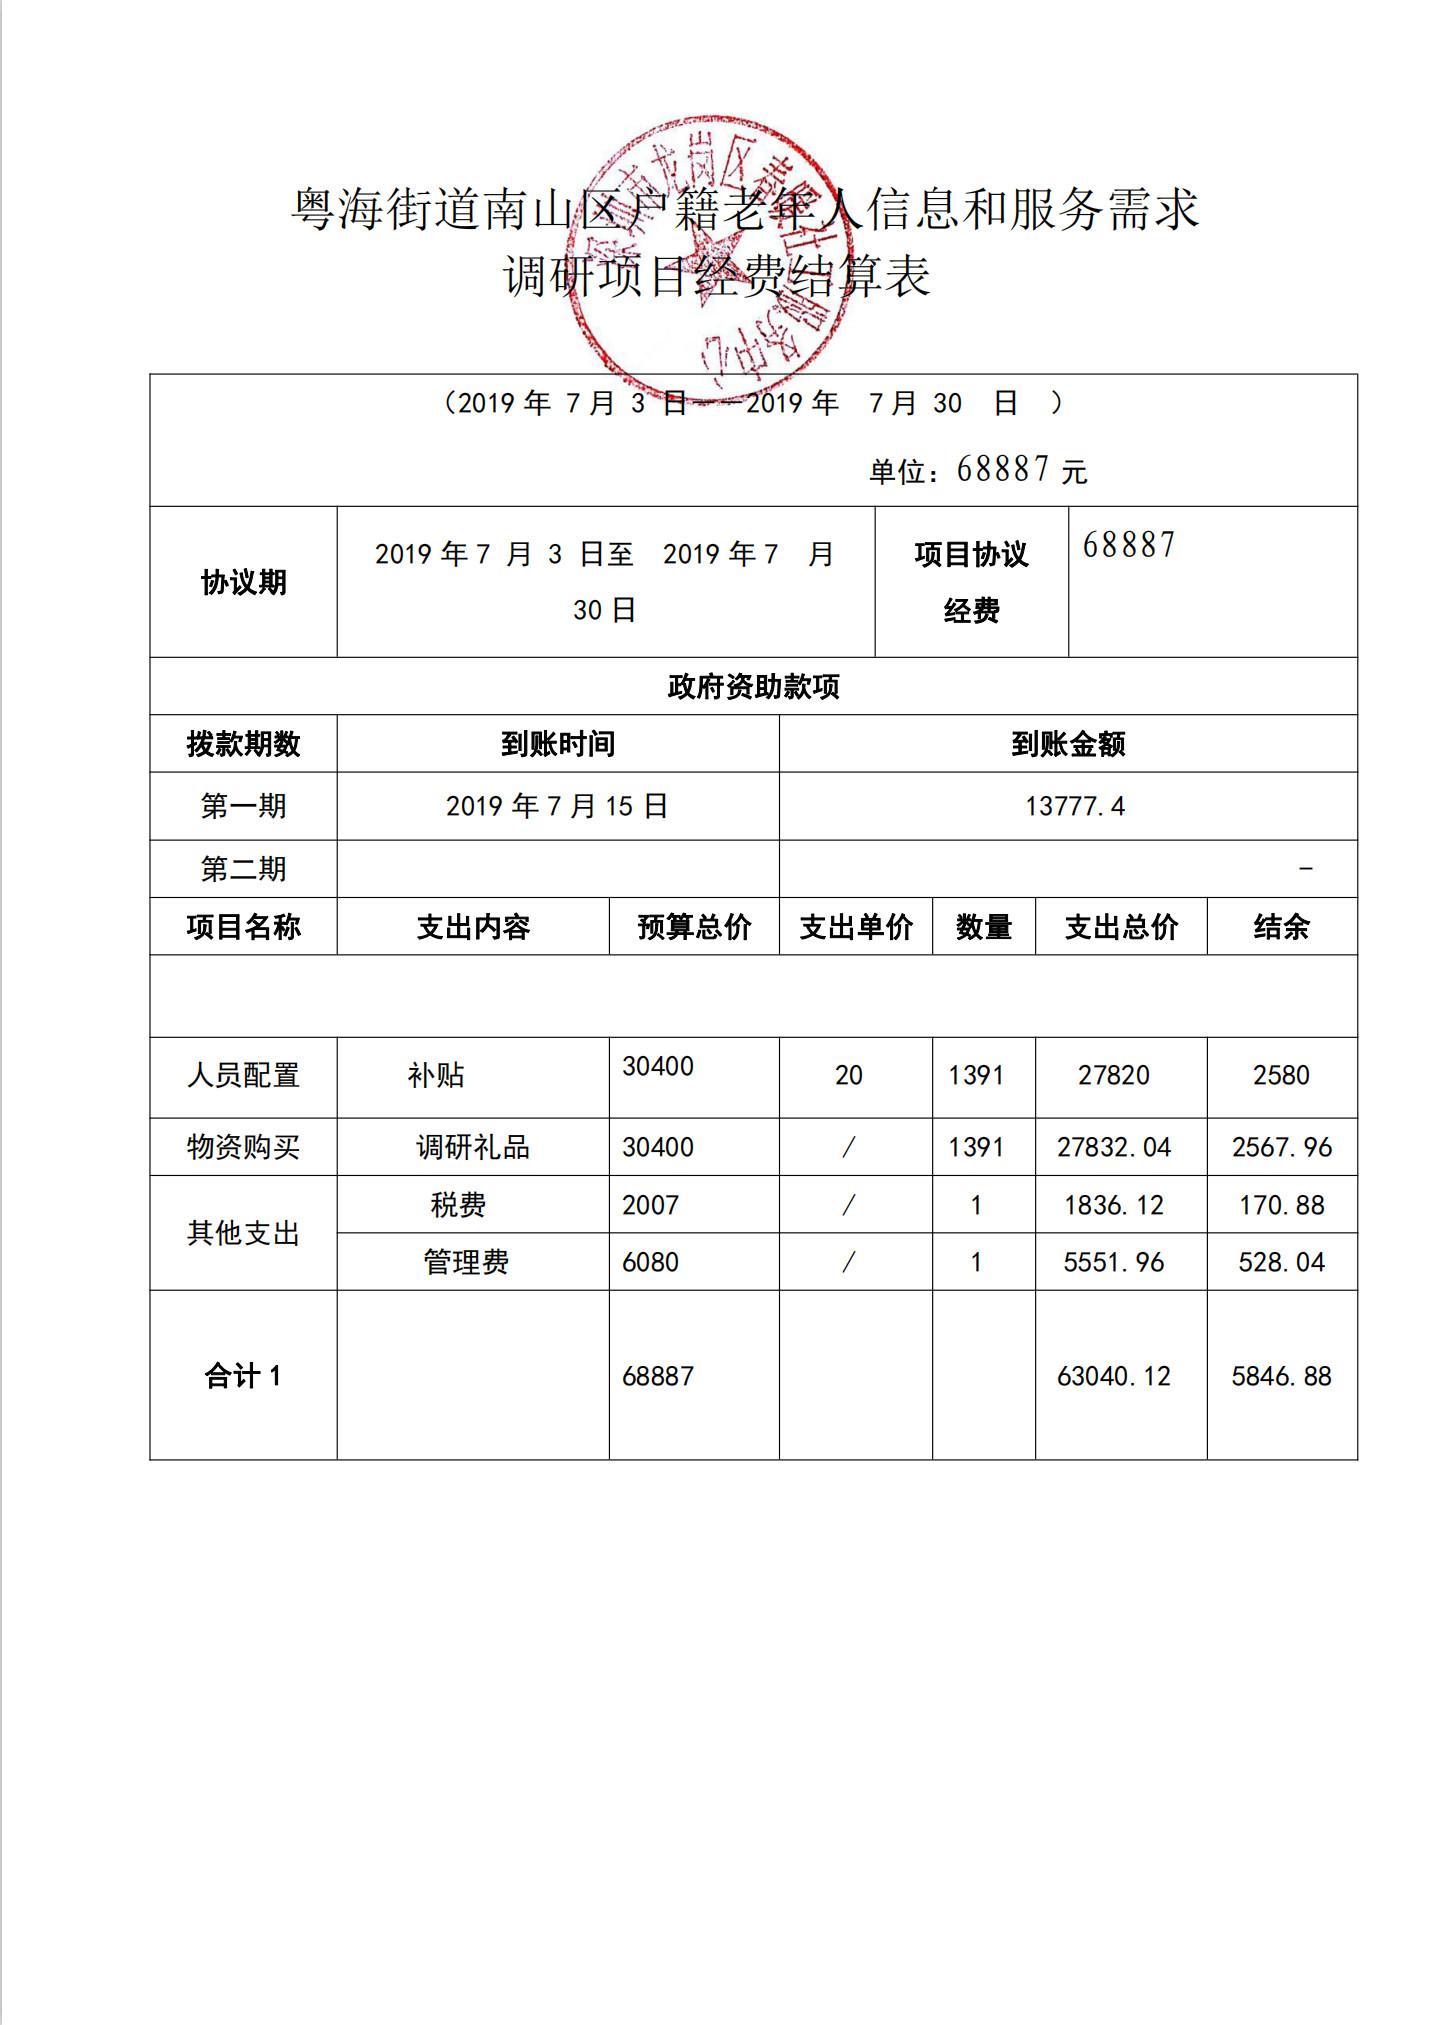 粤海街道南山区户籍老年人信息和服务需求调研项目经费结算表